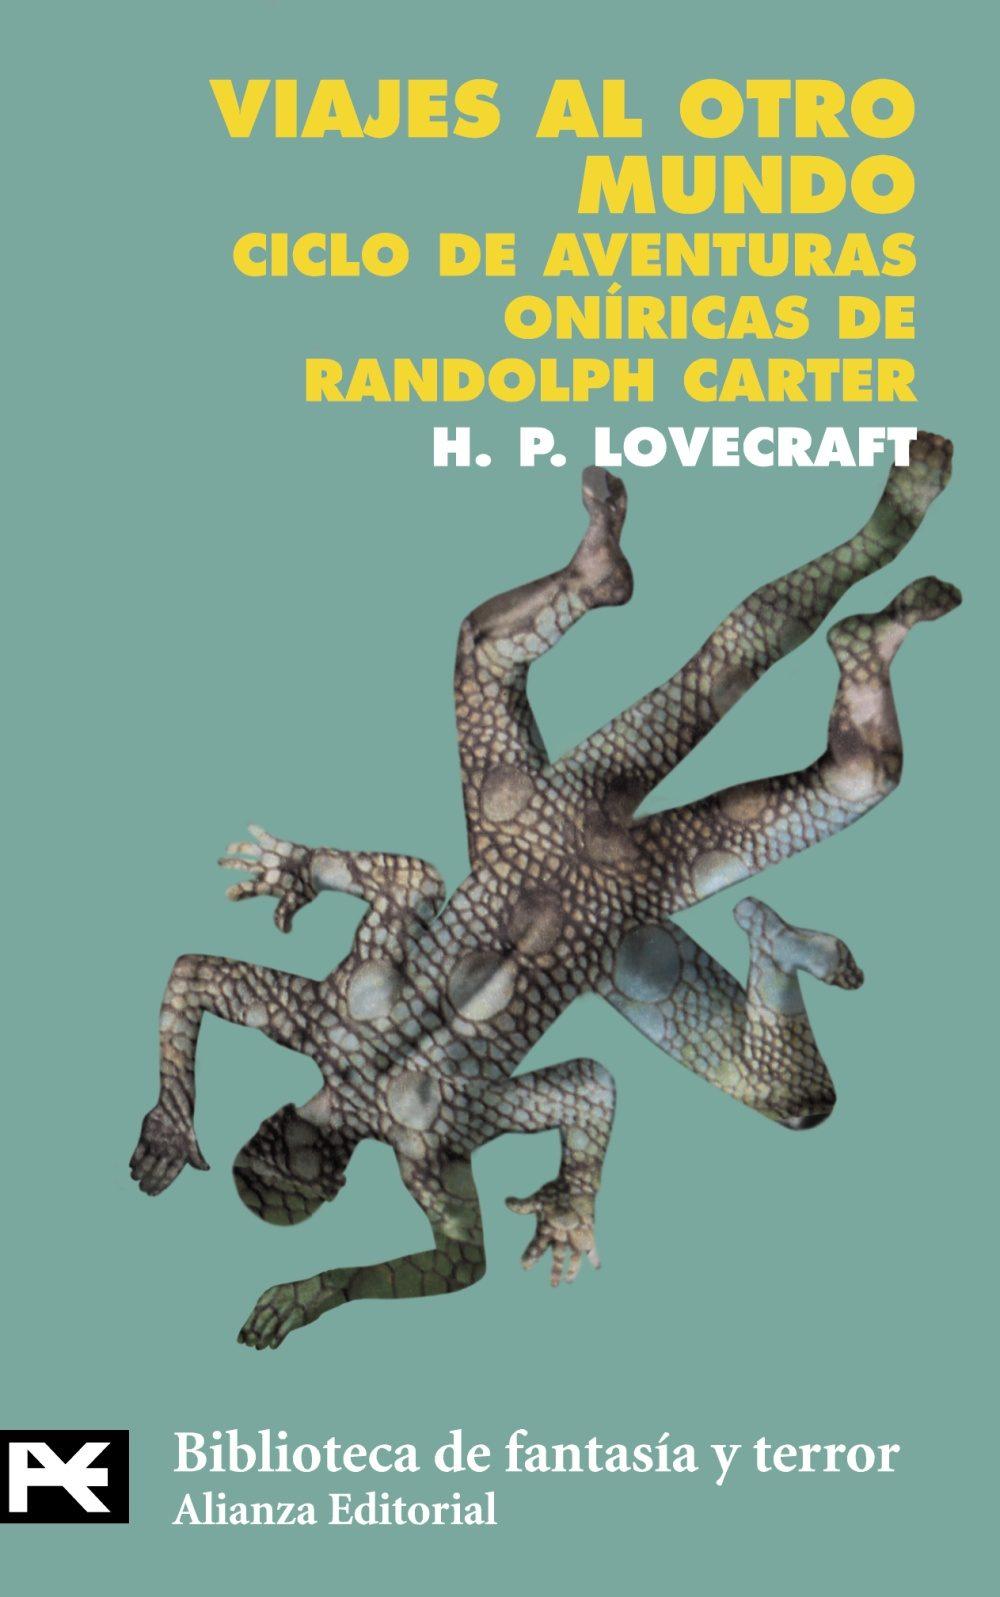 Ciclo de aventuras oníricas de Randolph Carter